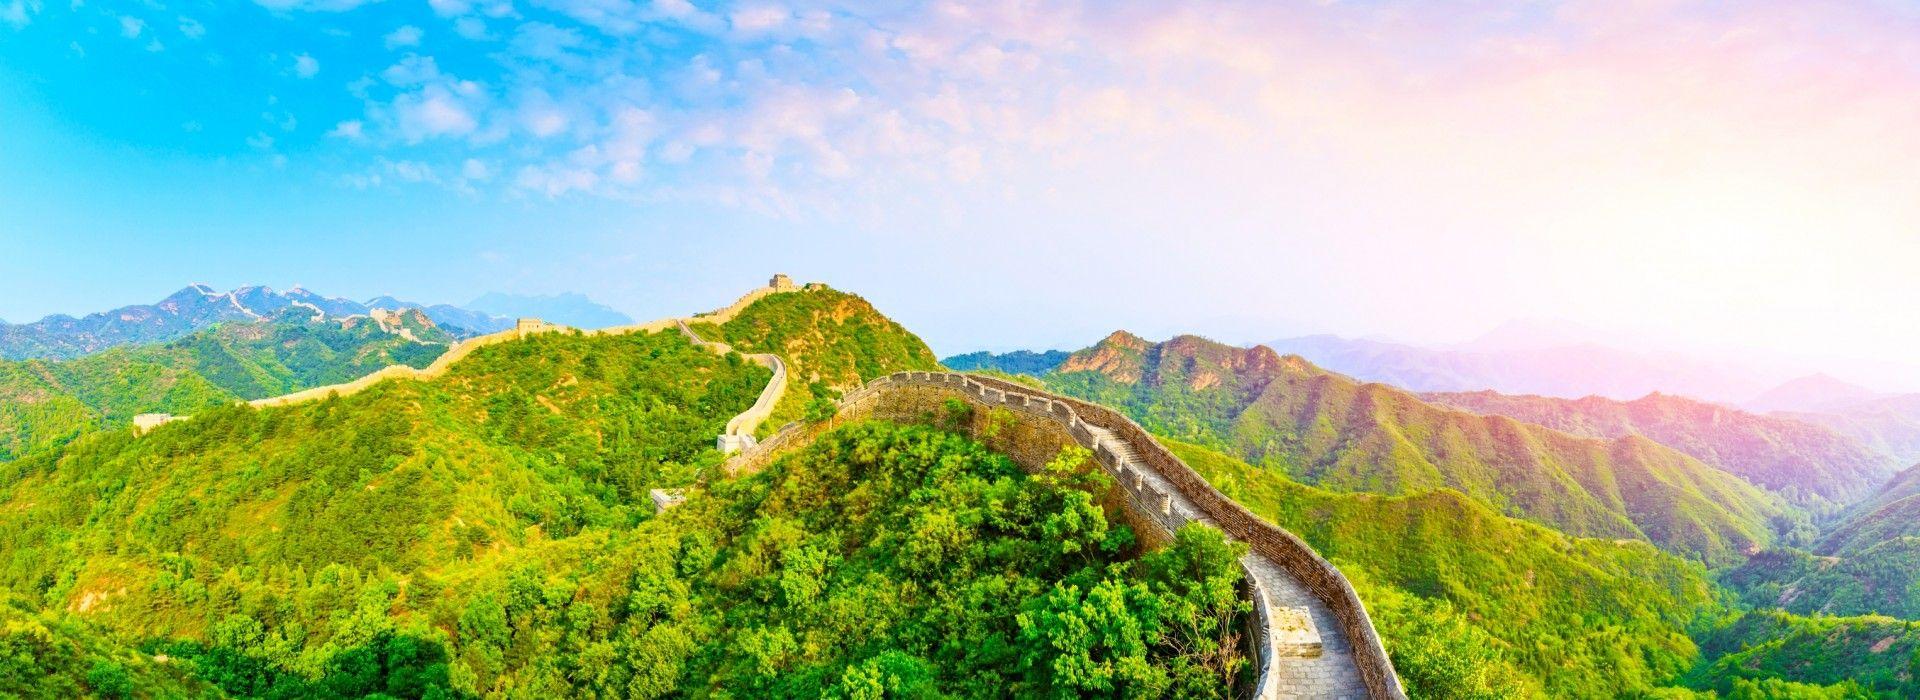 Trekking Tours in Beijing